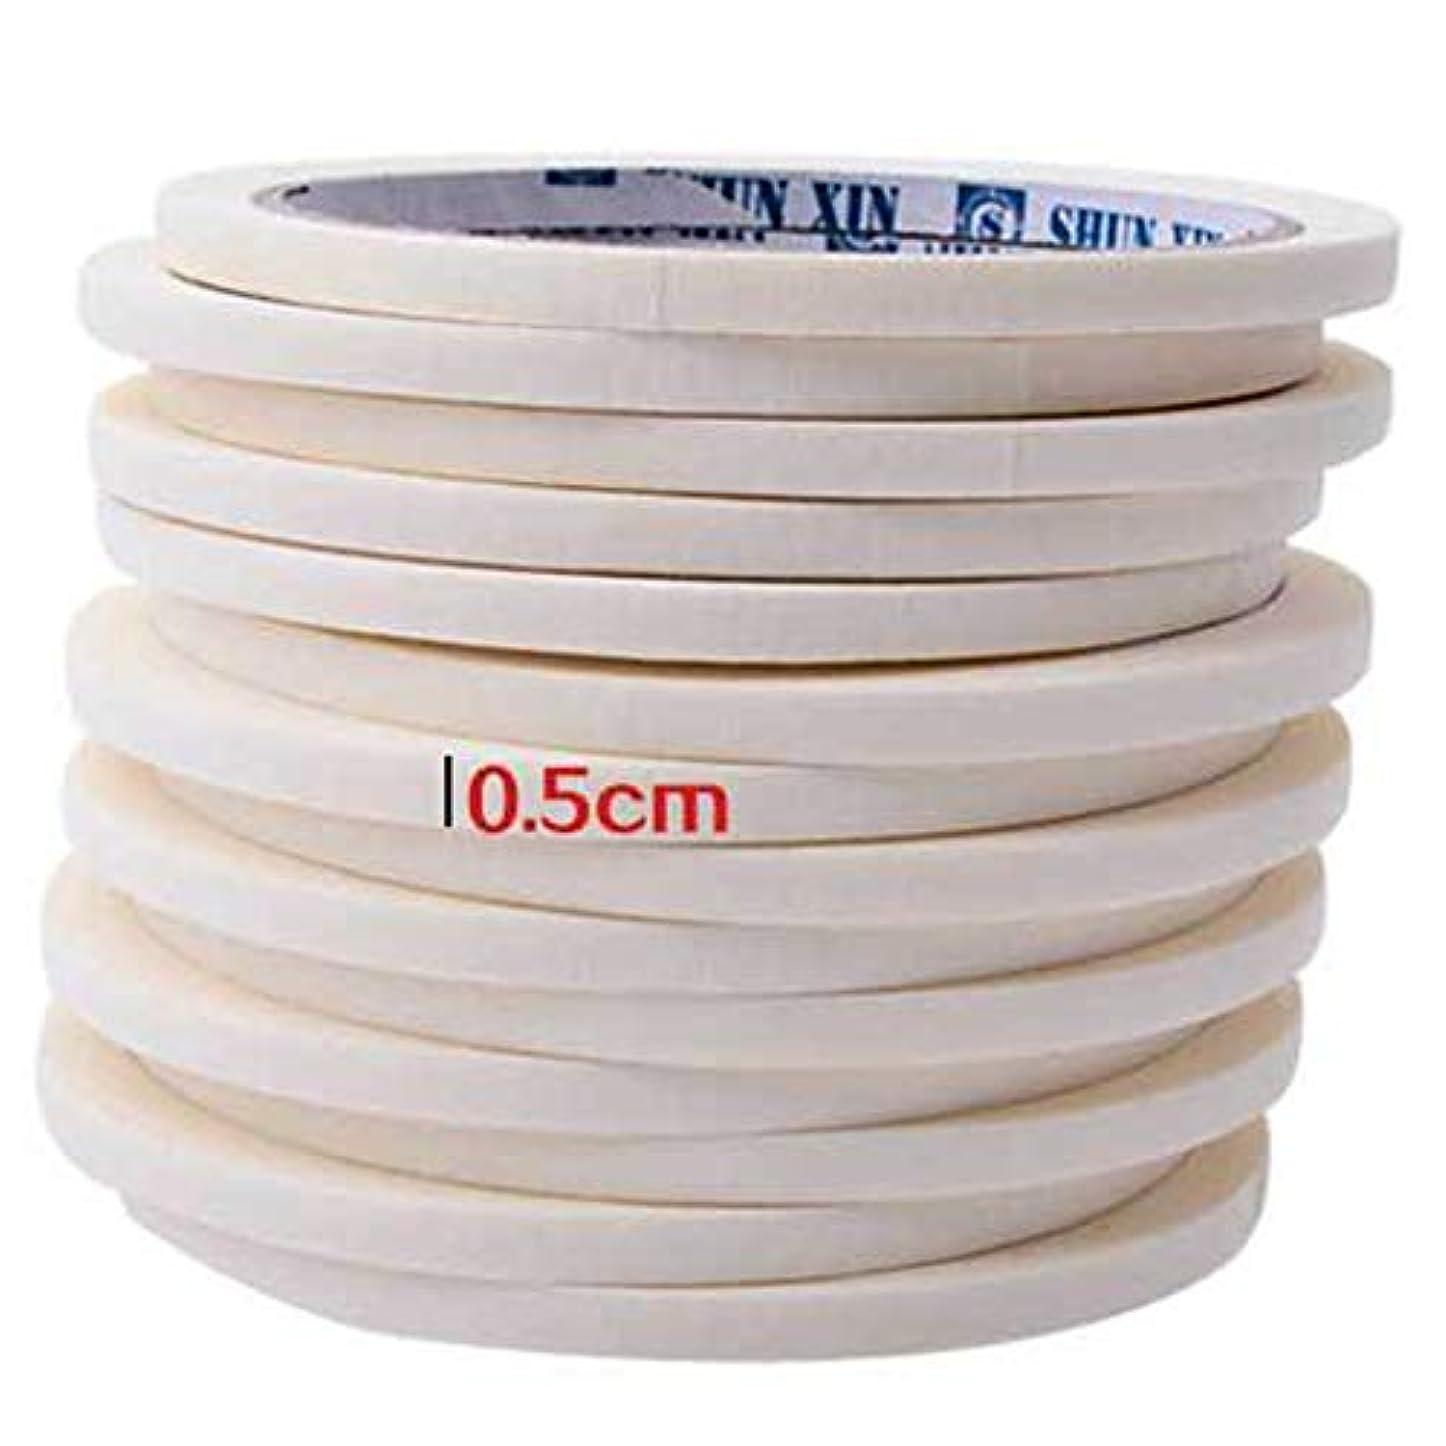 口述目を覚ますコンベンションネイルテープ0.5センチマスキングテープ装飾模様ネイルポリッシュツールマニキュアネイルアートネイルテープアクセサリー用マニキュア(Color:white)